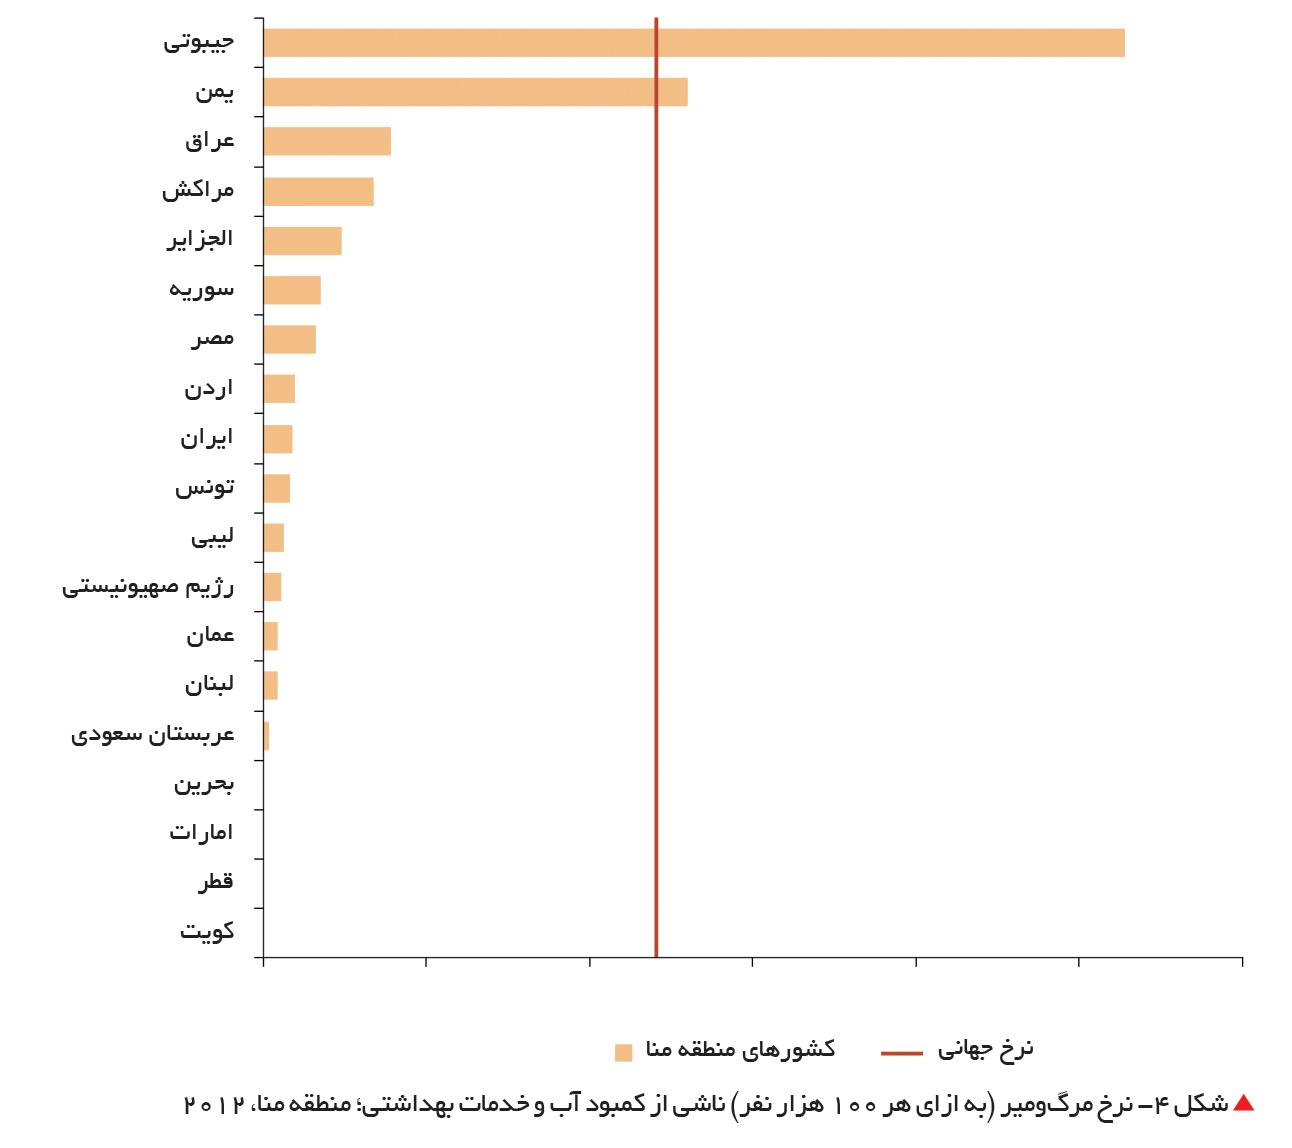 تجارت- فردا-  شکل 4- نرخ مرگومیر (به ازای هر 100 هزار نفر) ناشی از کمبود آب و خدمات بهداشتی؛ منطقه منا، 2012